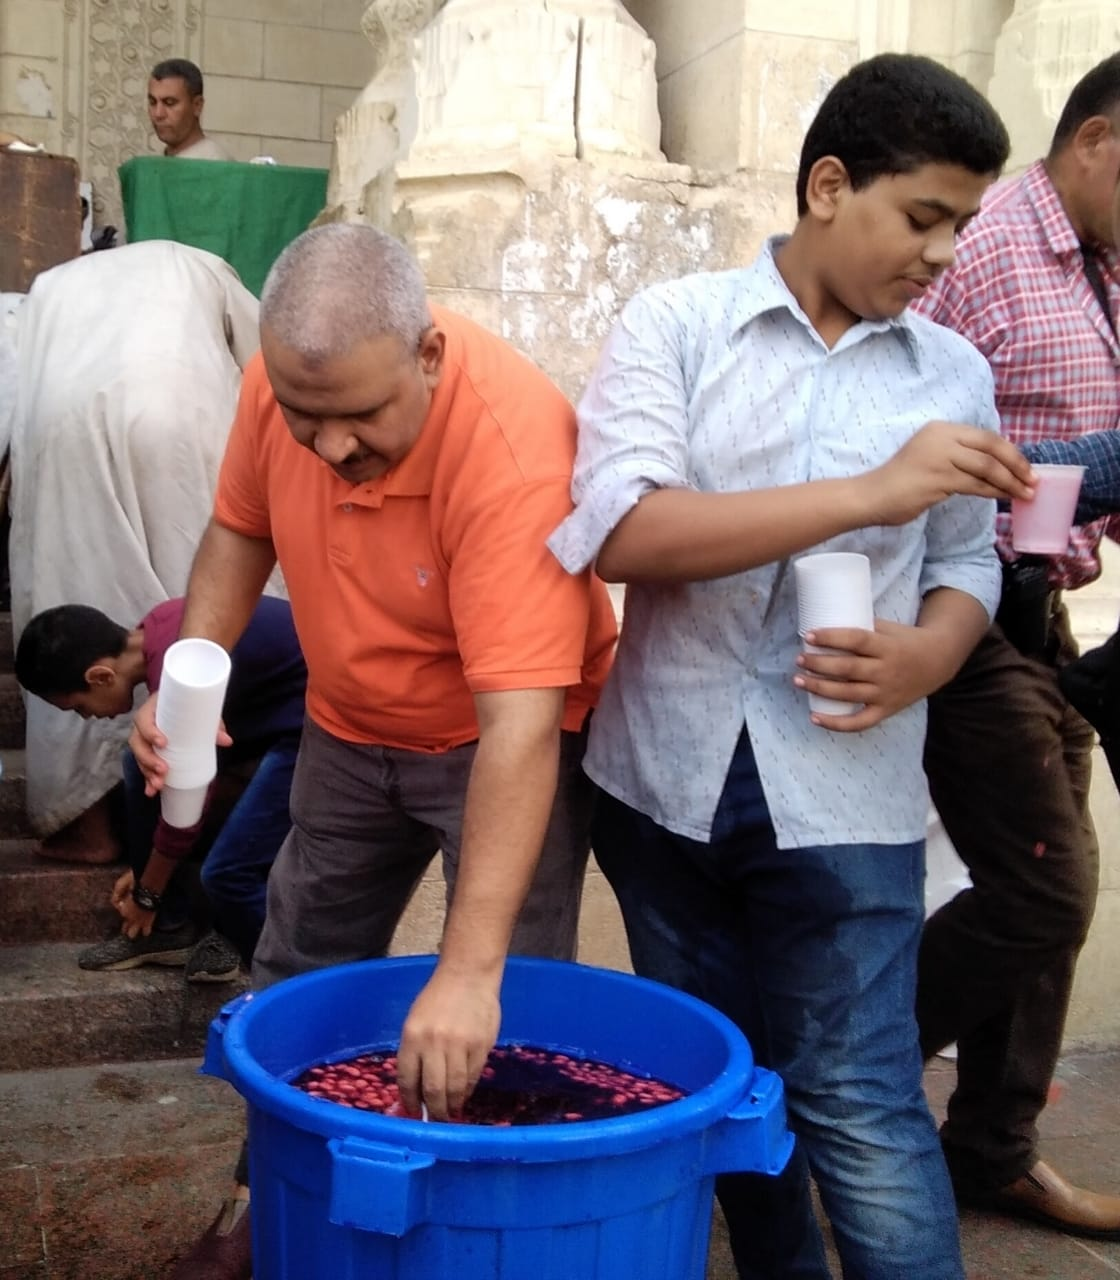 توزيع شربات بالإسكندرية